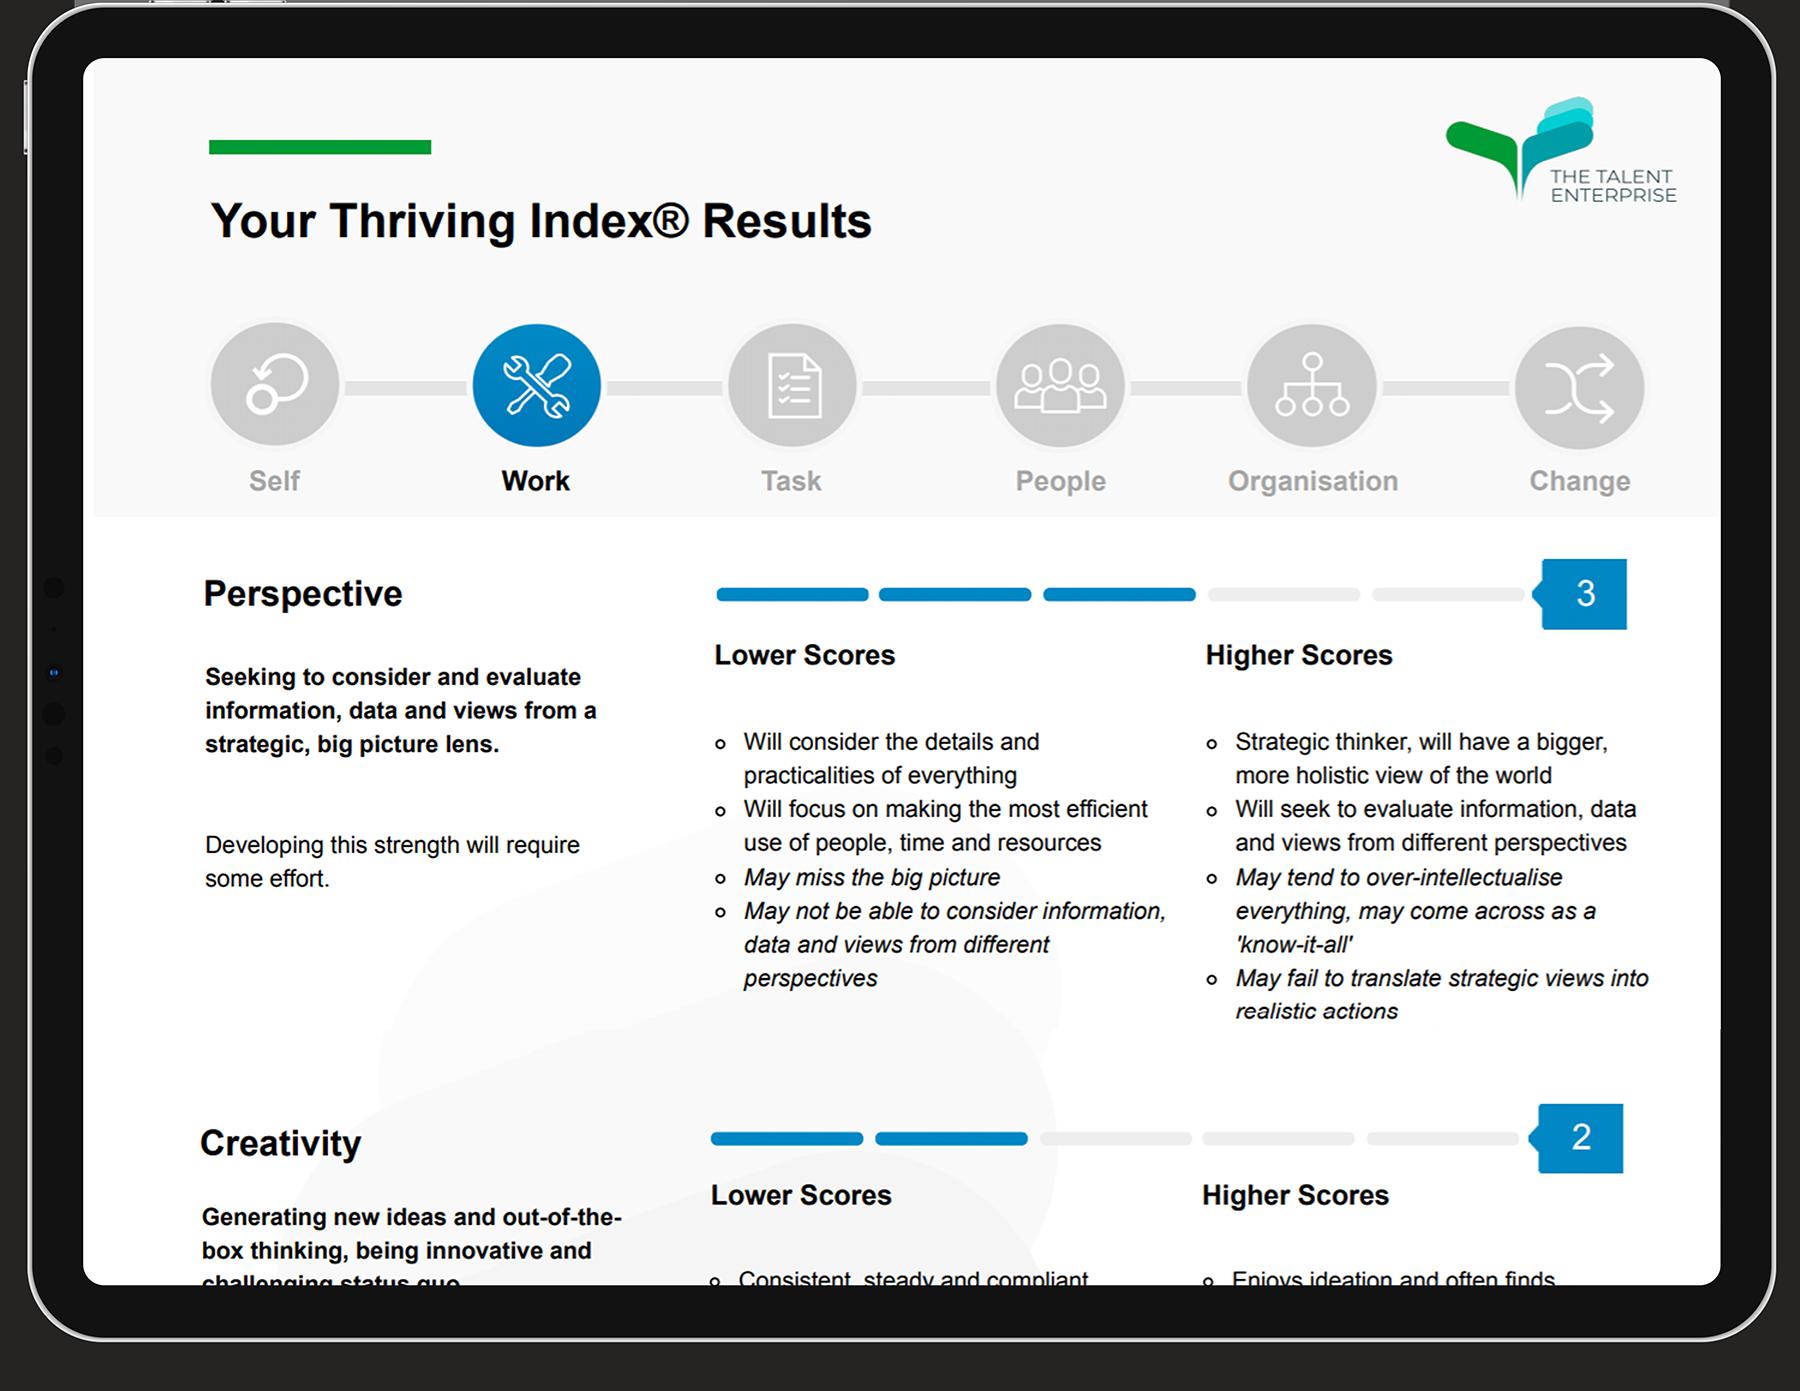 Thiriving Index Report